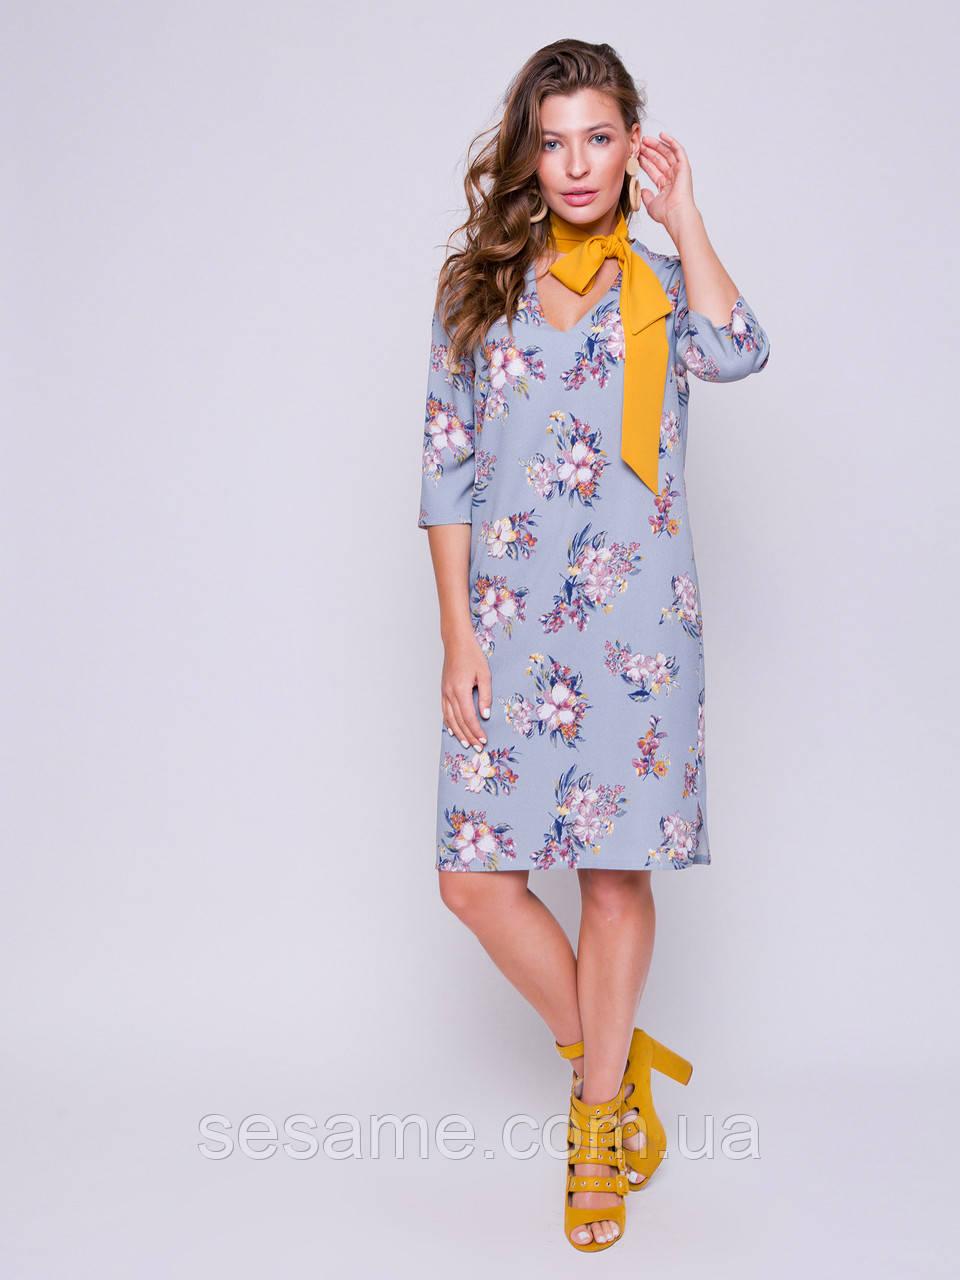 grand ua Бетти принт платье